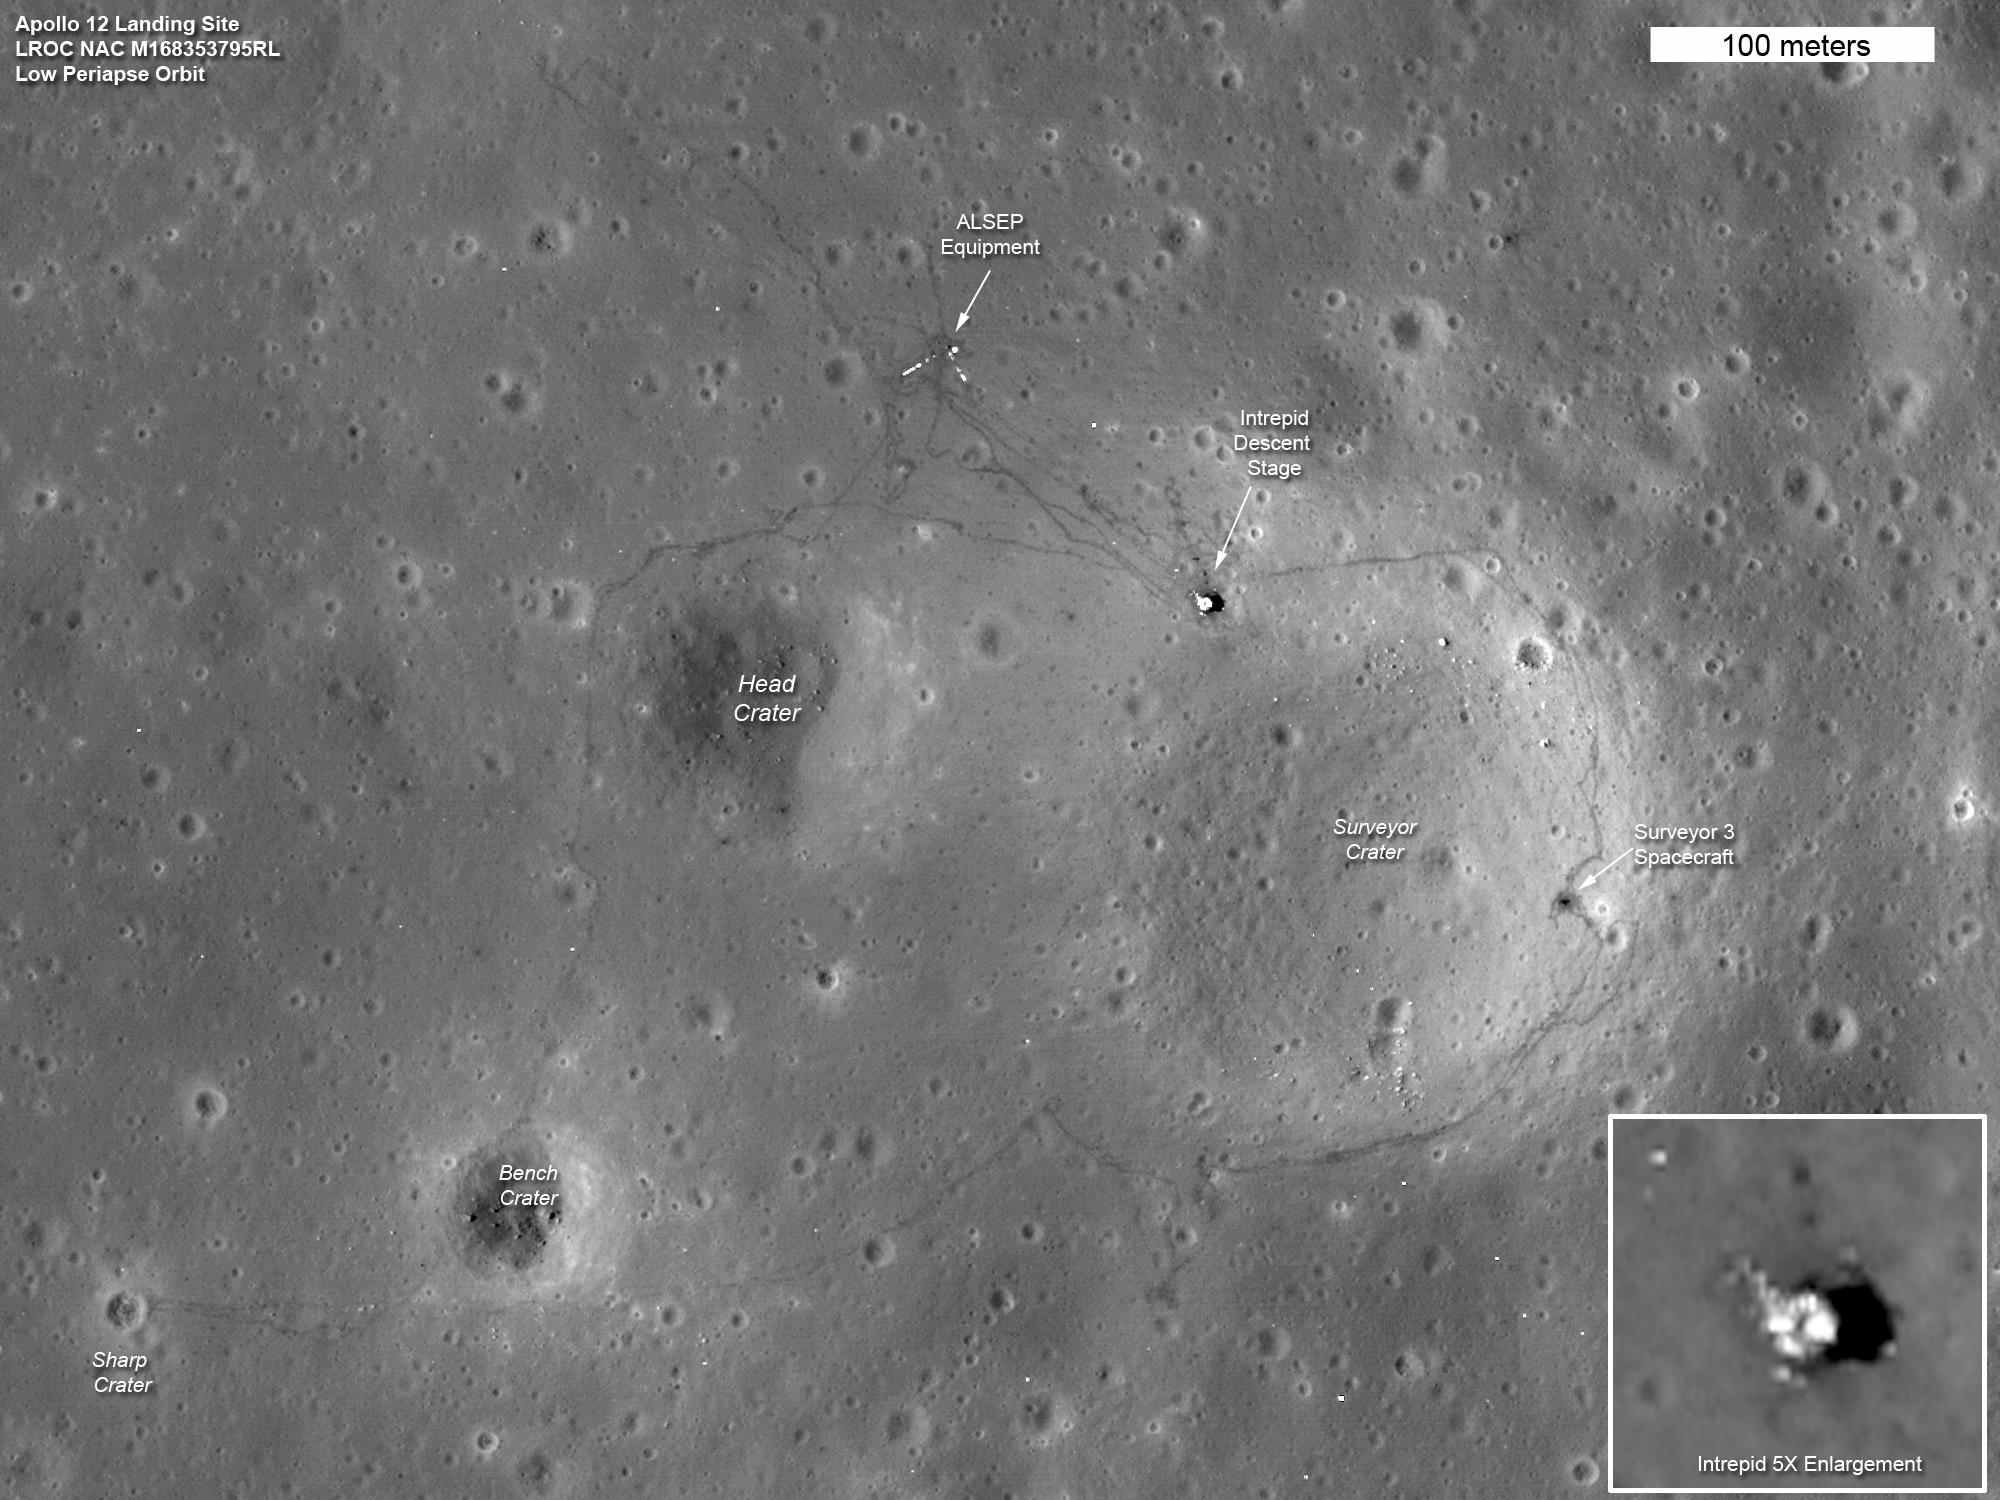 El Hombre llego a la luna en el 69??? - Página 13 584398main_M168353795RE_25cm_AP12_area